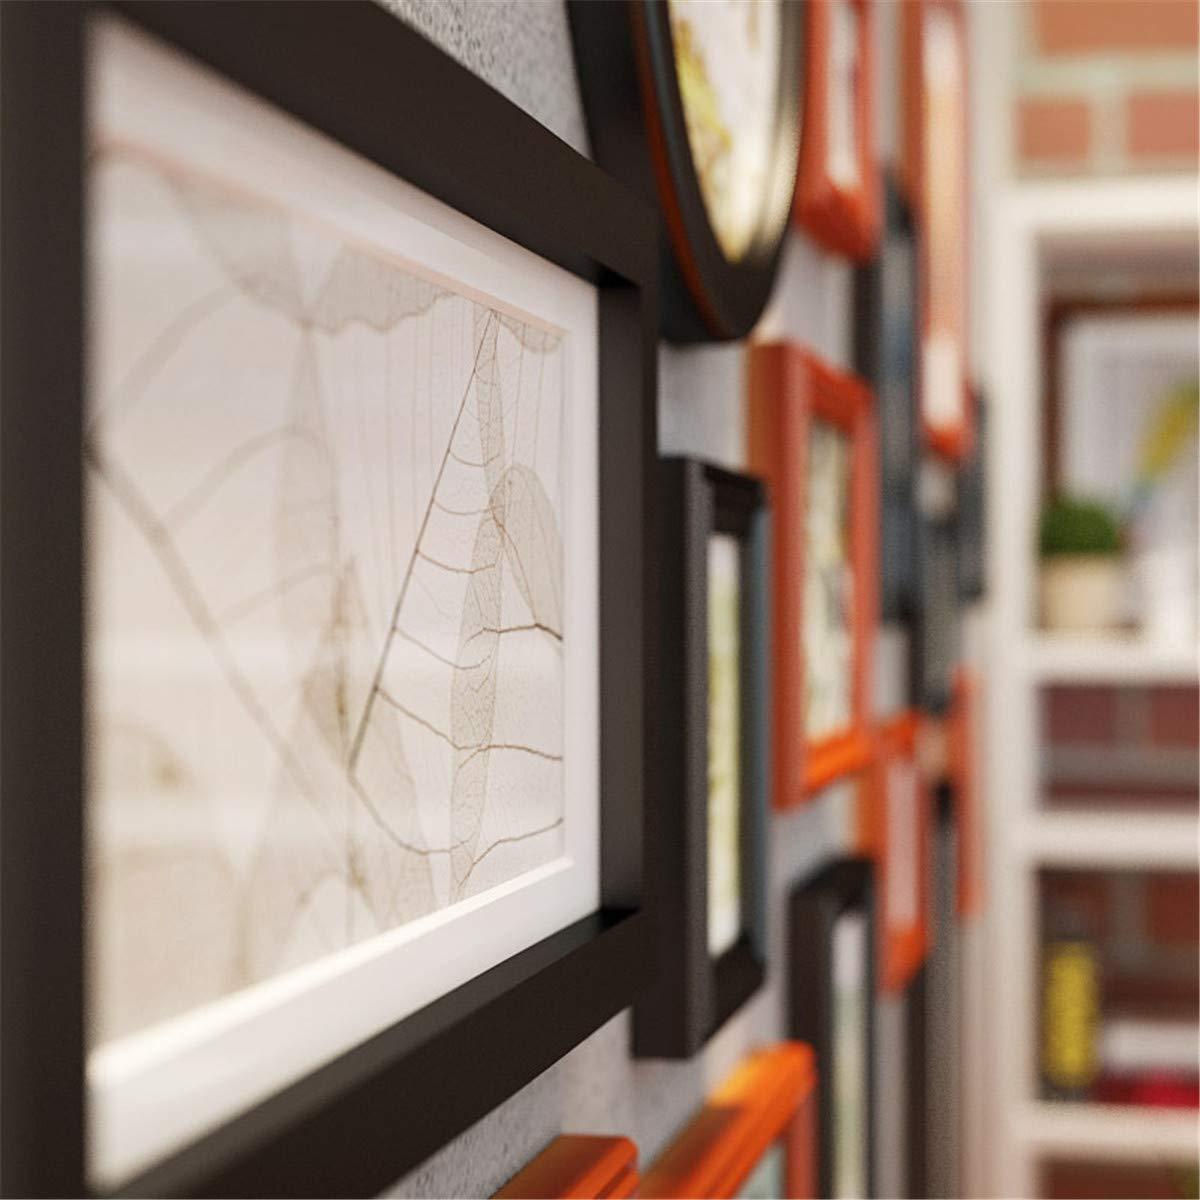 Muro fotográfico Creativo/Muro Creativo para portarretratos/Portaretrato de Madera/Muro / Muro fotográfico Creativo/Área de Pared ocupada 160 * 84cm, ...